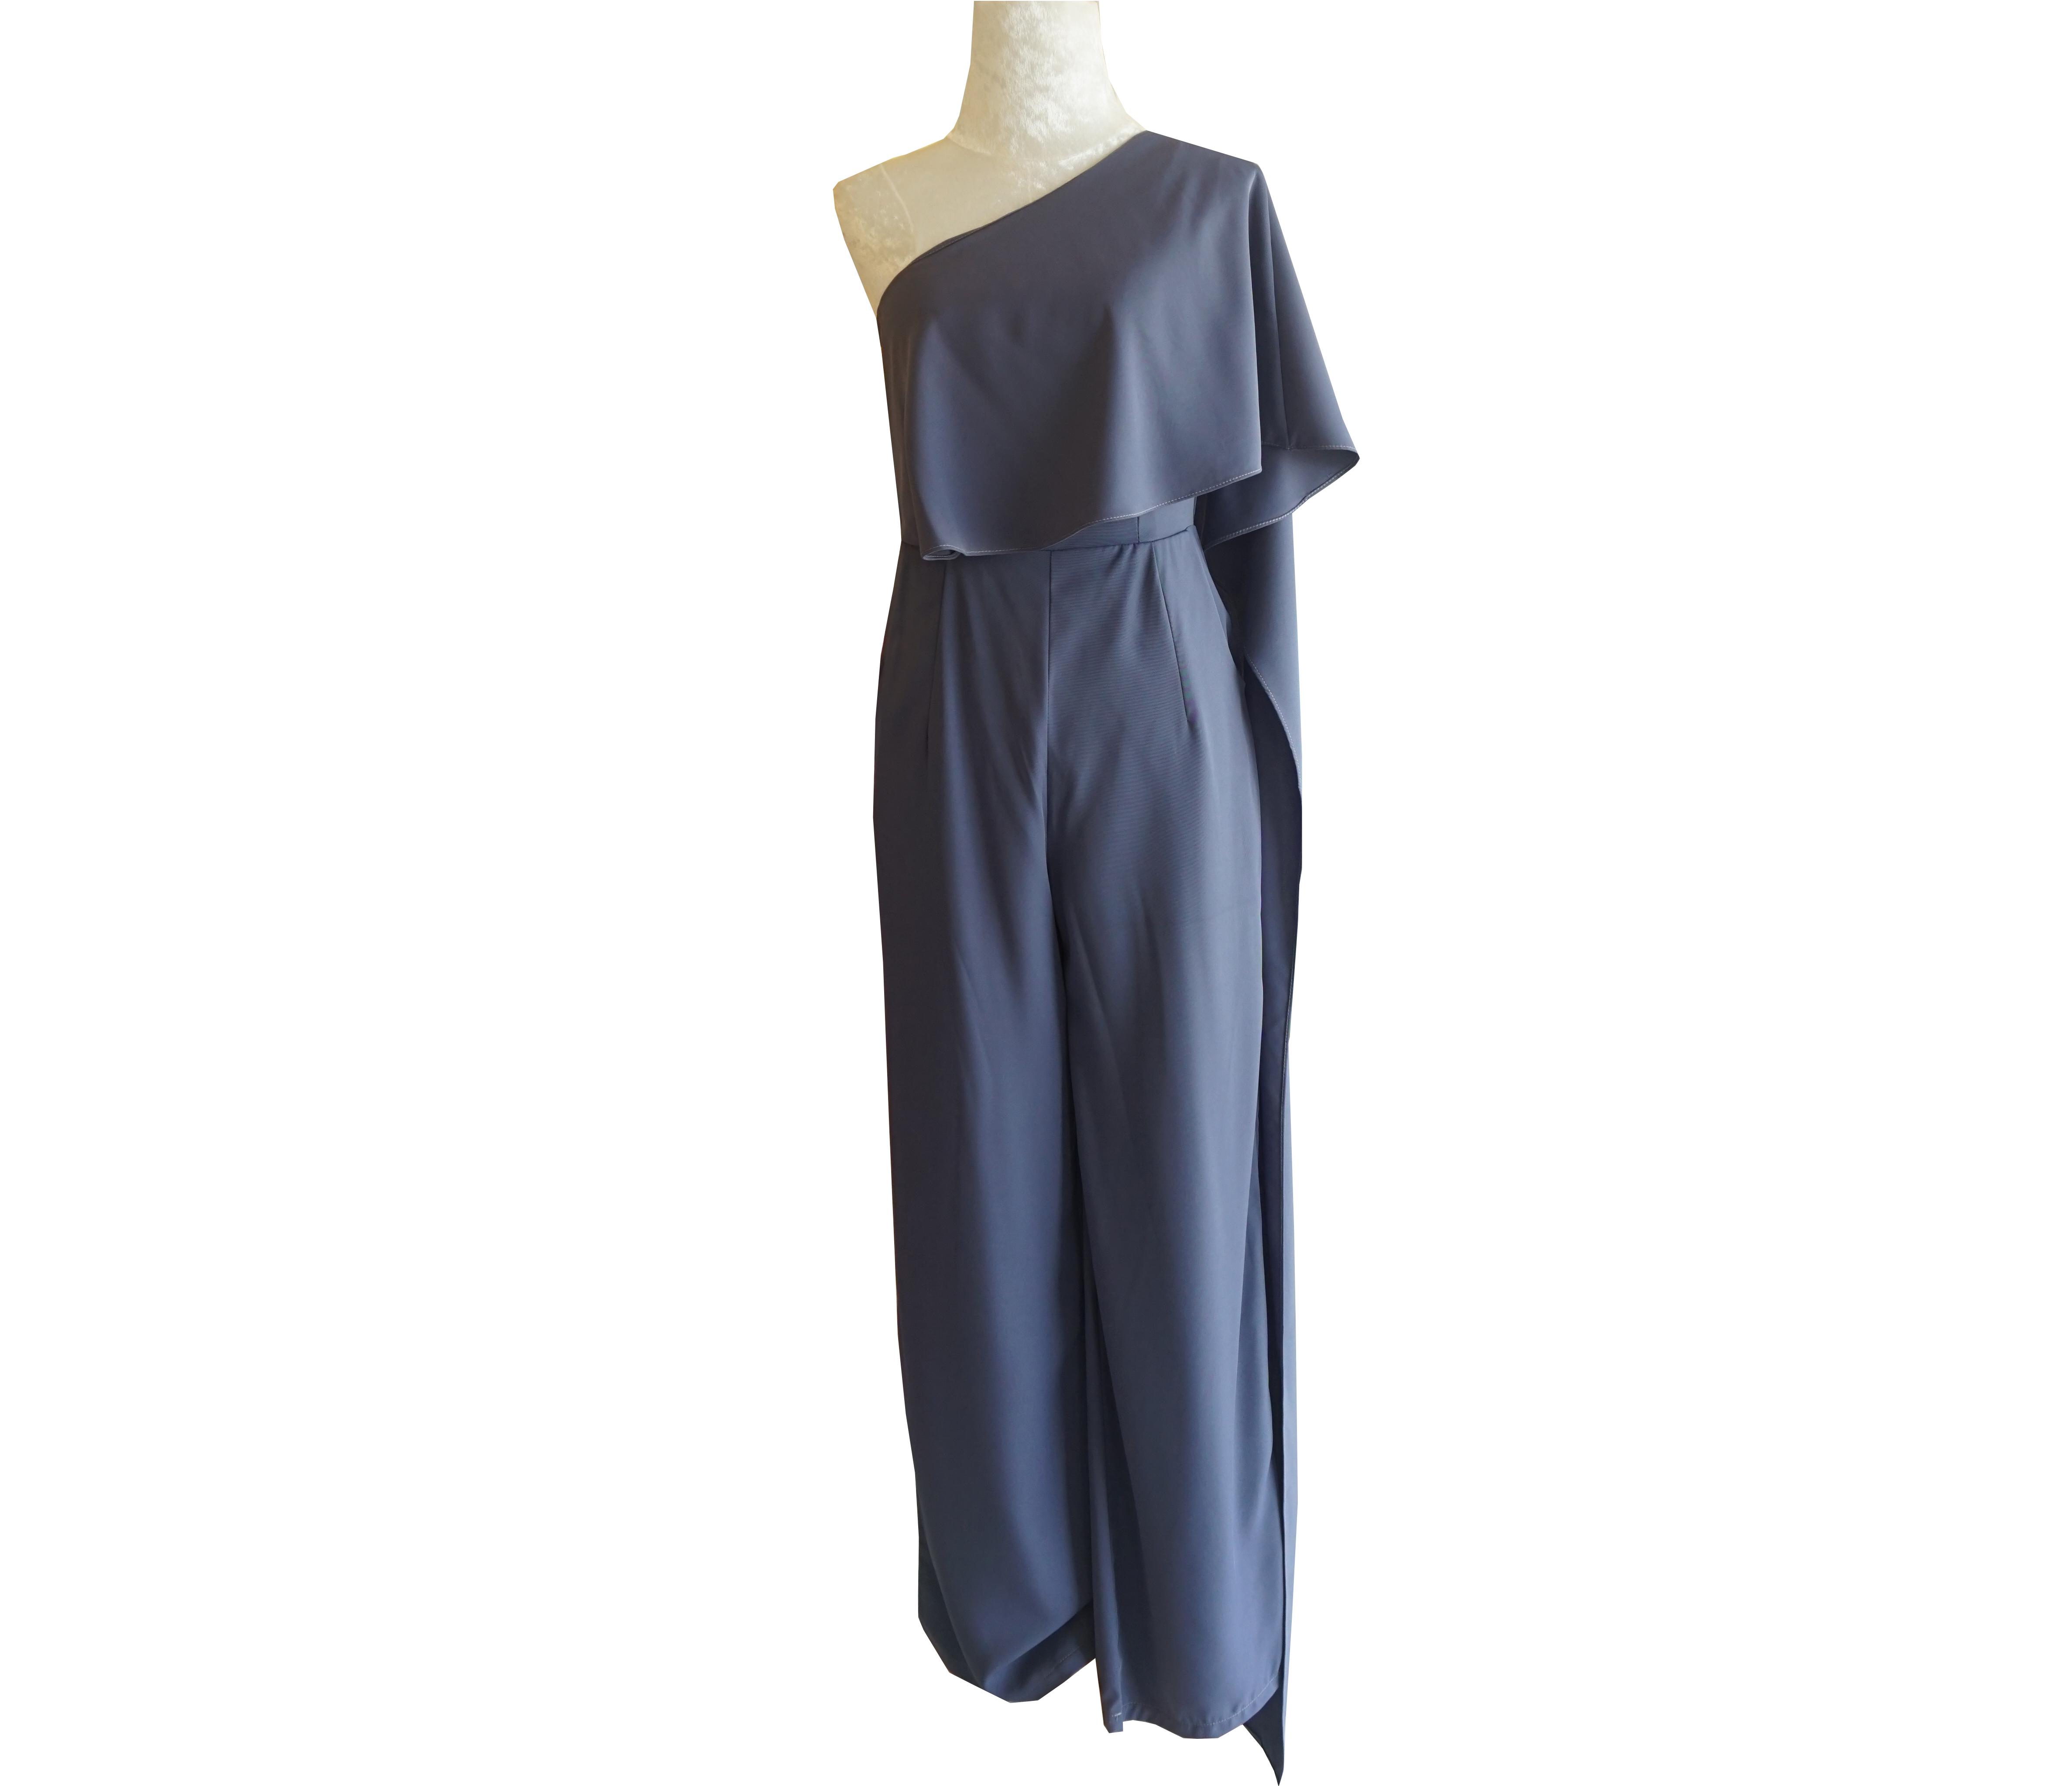 ชุดจั๊มสูทกางเกงขายาวสีฟ้าคราม ไหล่เฉียงสไบข้าง : สินค้าพร้อมส่ง S M L